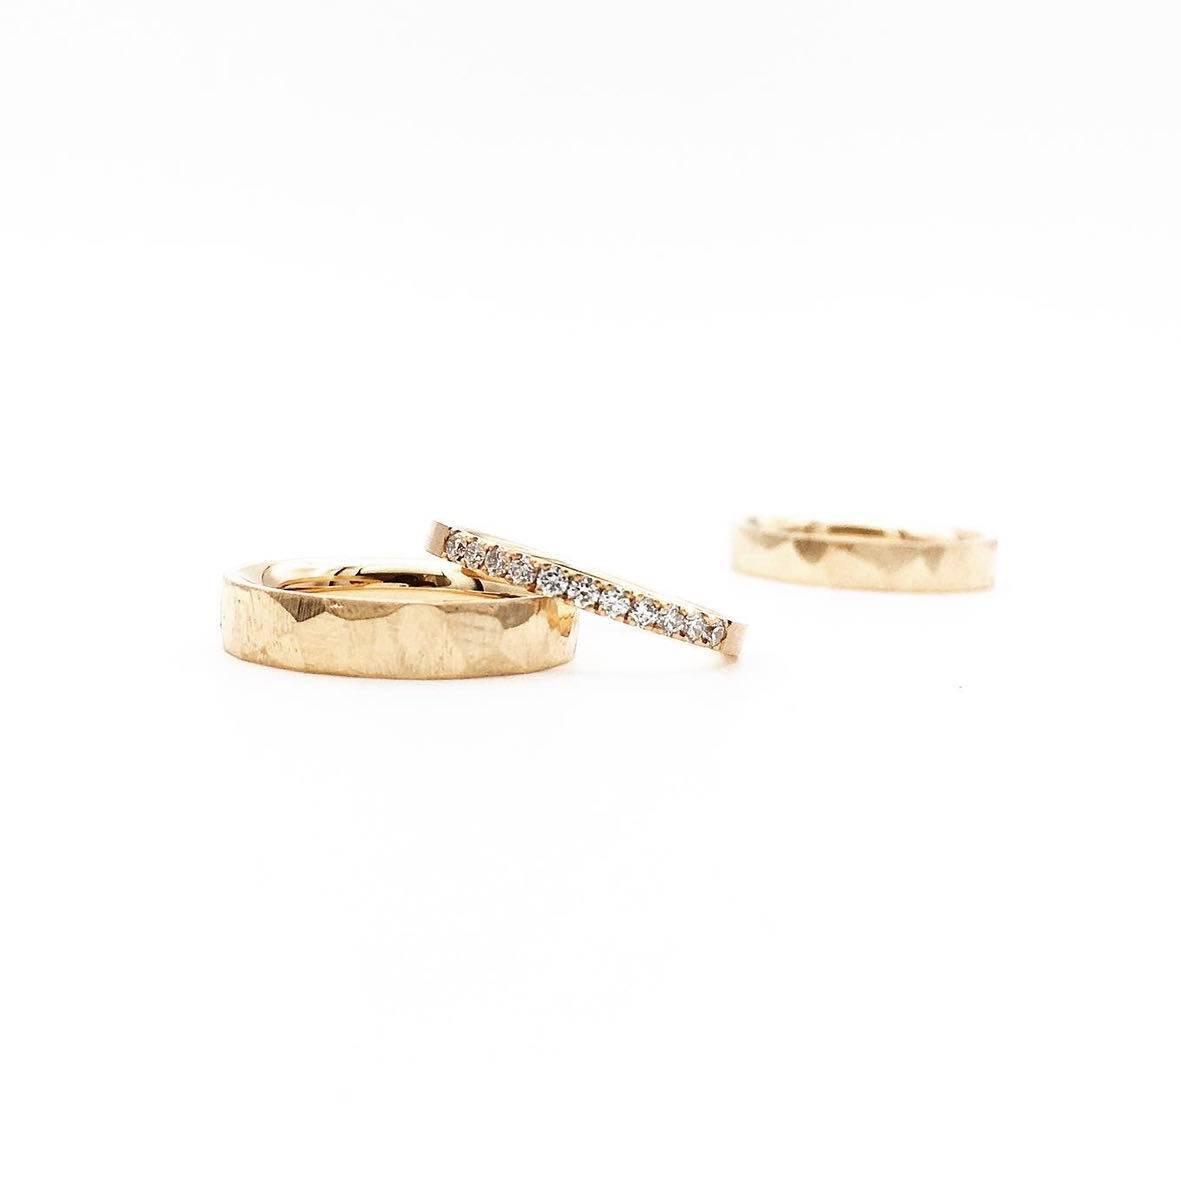 Juwelier Stefanie Condes - House of Weddings - 9